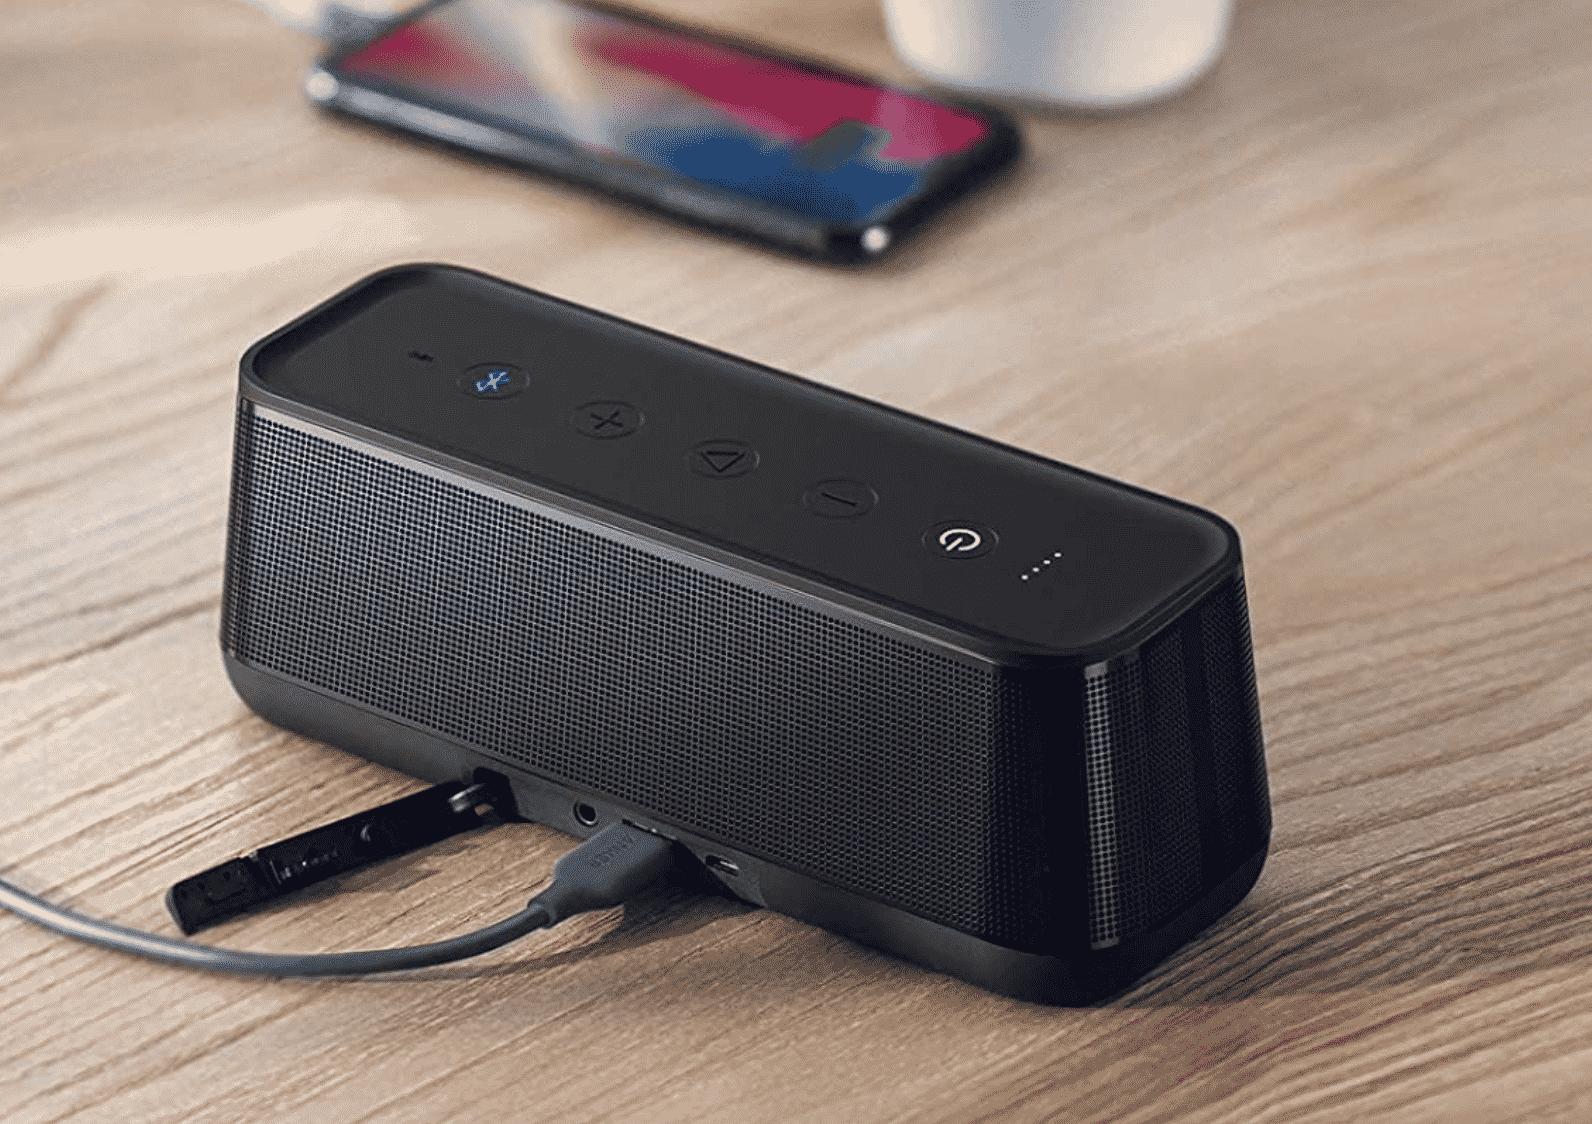 Anker Soundcore Pro+ Speaker